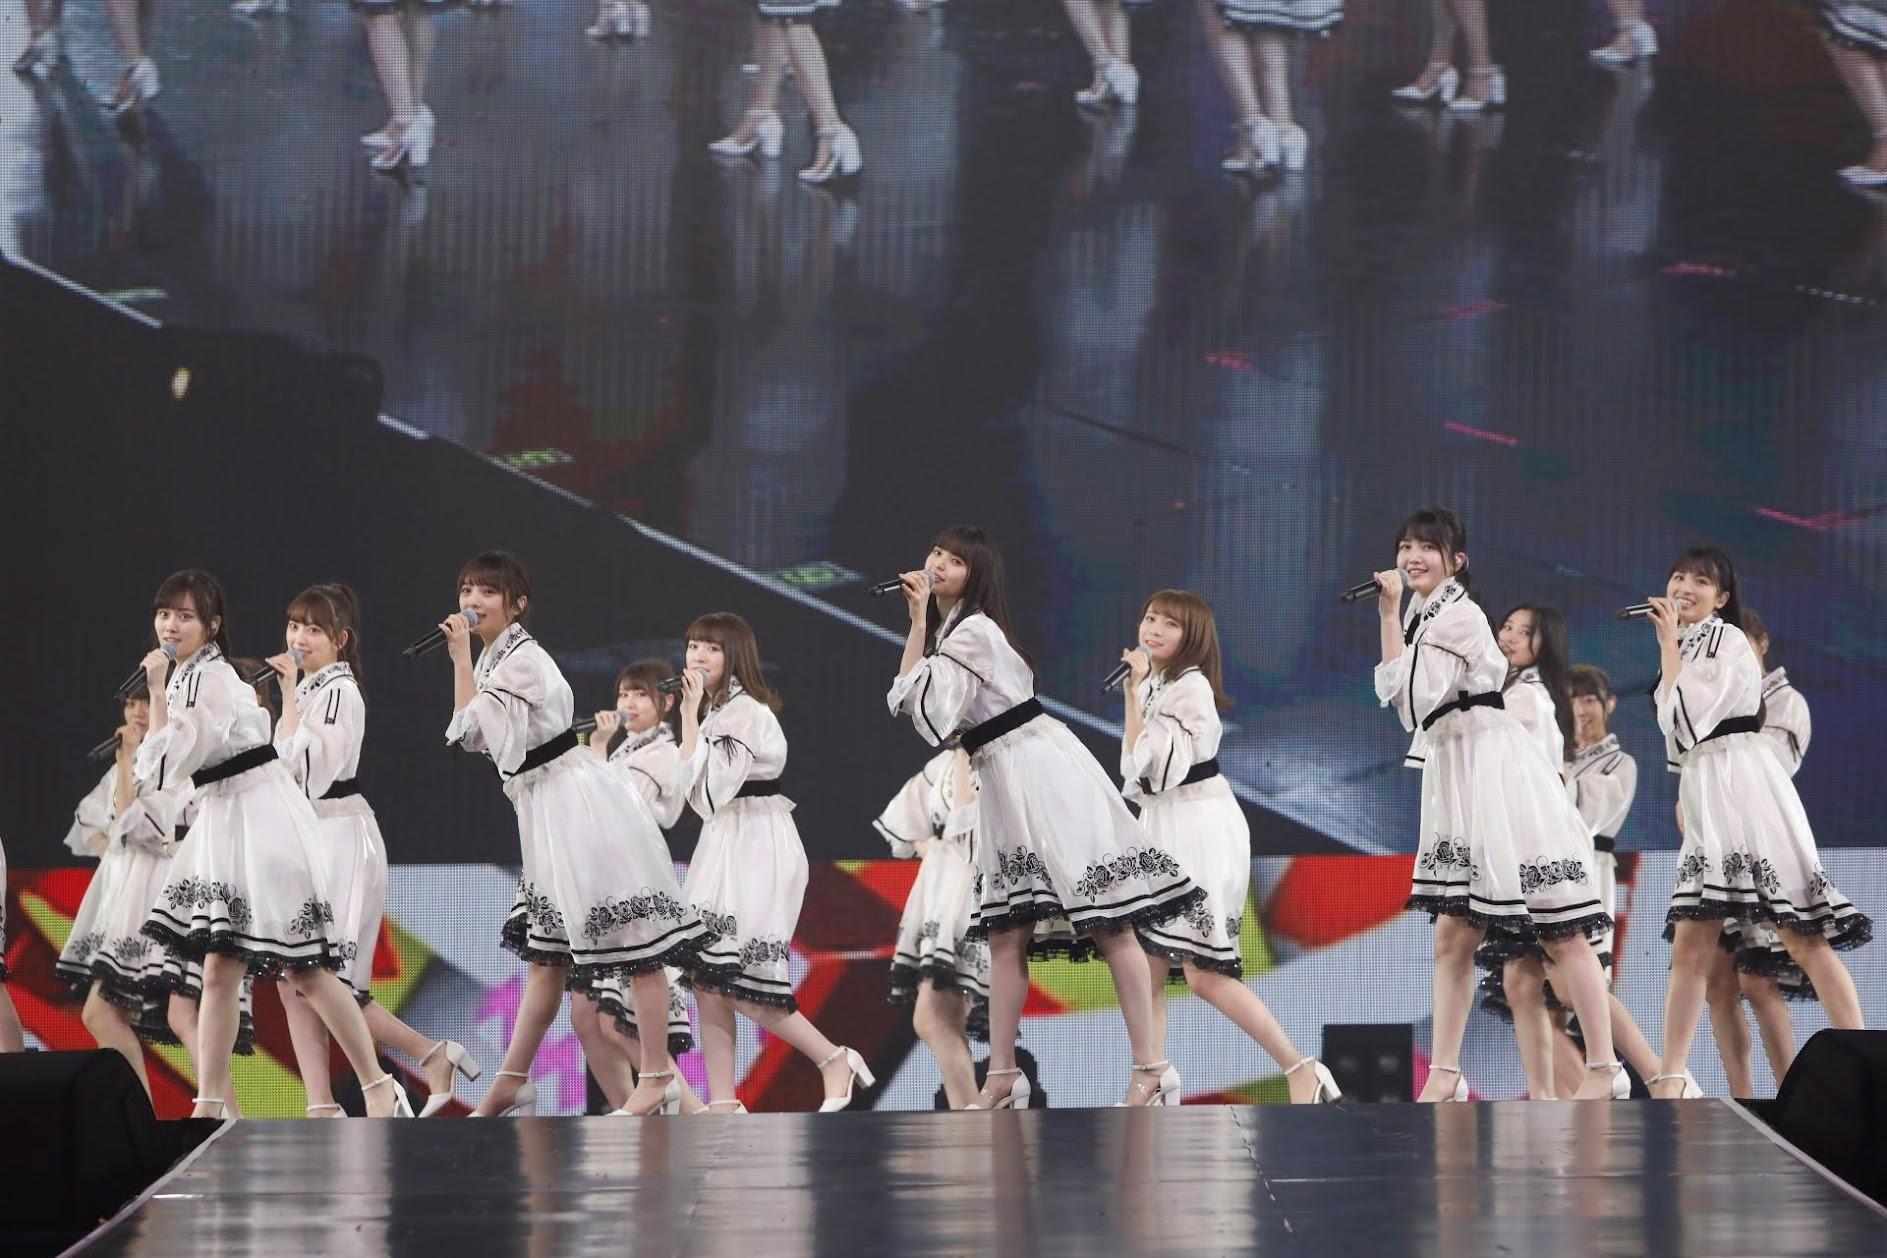 【迷迷現場】詳細報導 乃木坂46  小巨蛋開唱 三小時精彩內容誠意滿滿 「請大家也要相信我們,我們絕對會再和大家相見!」